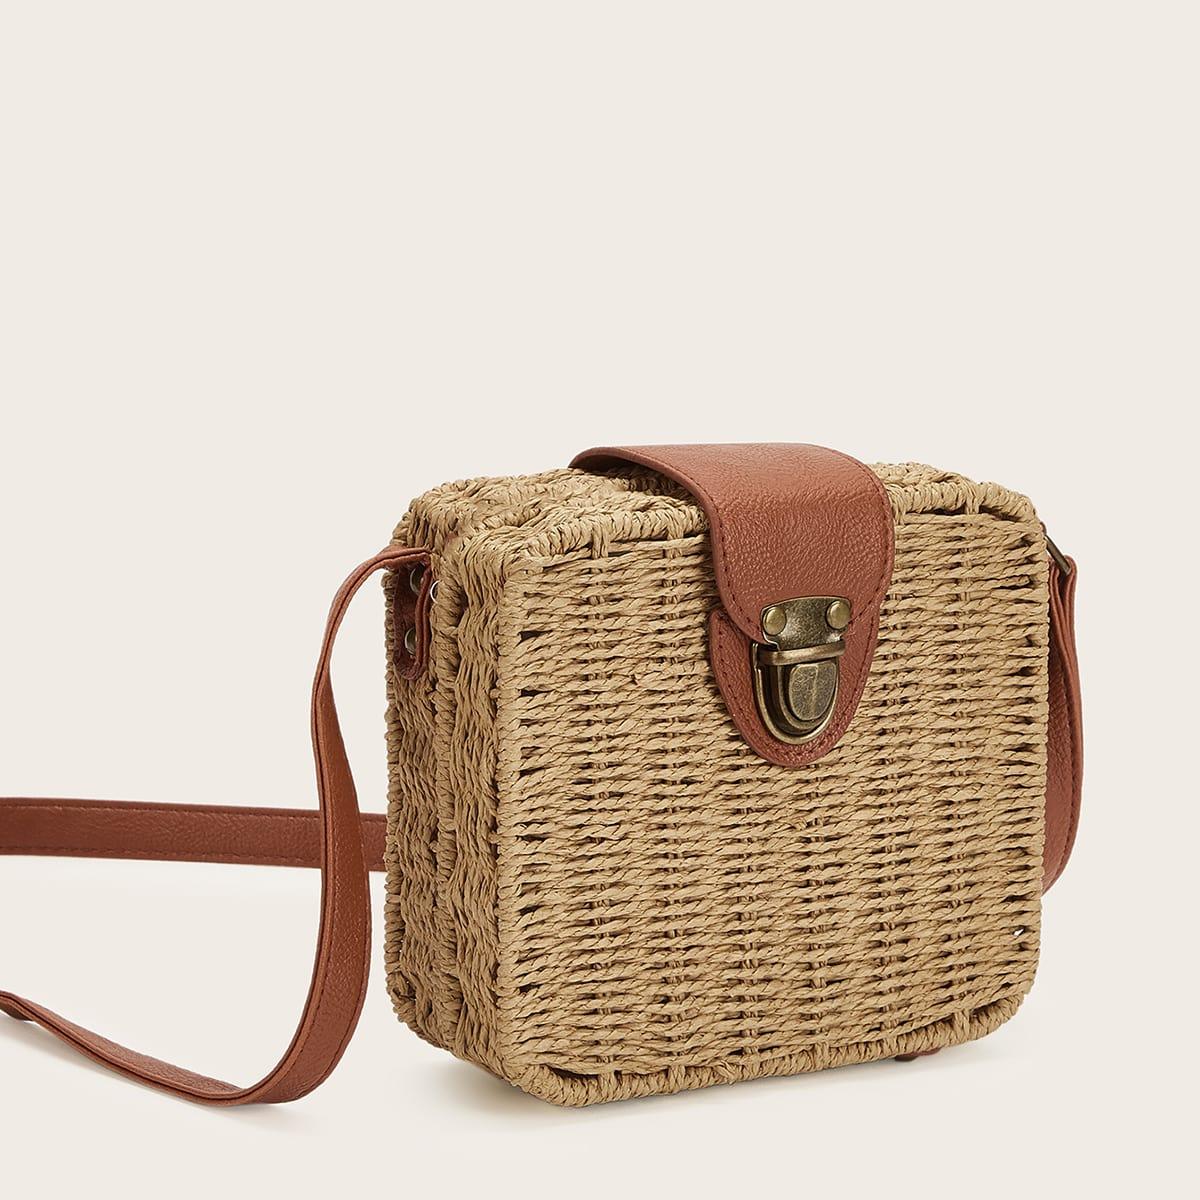 Квадратная сумка через плечо из соломенной ткани